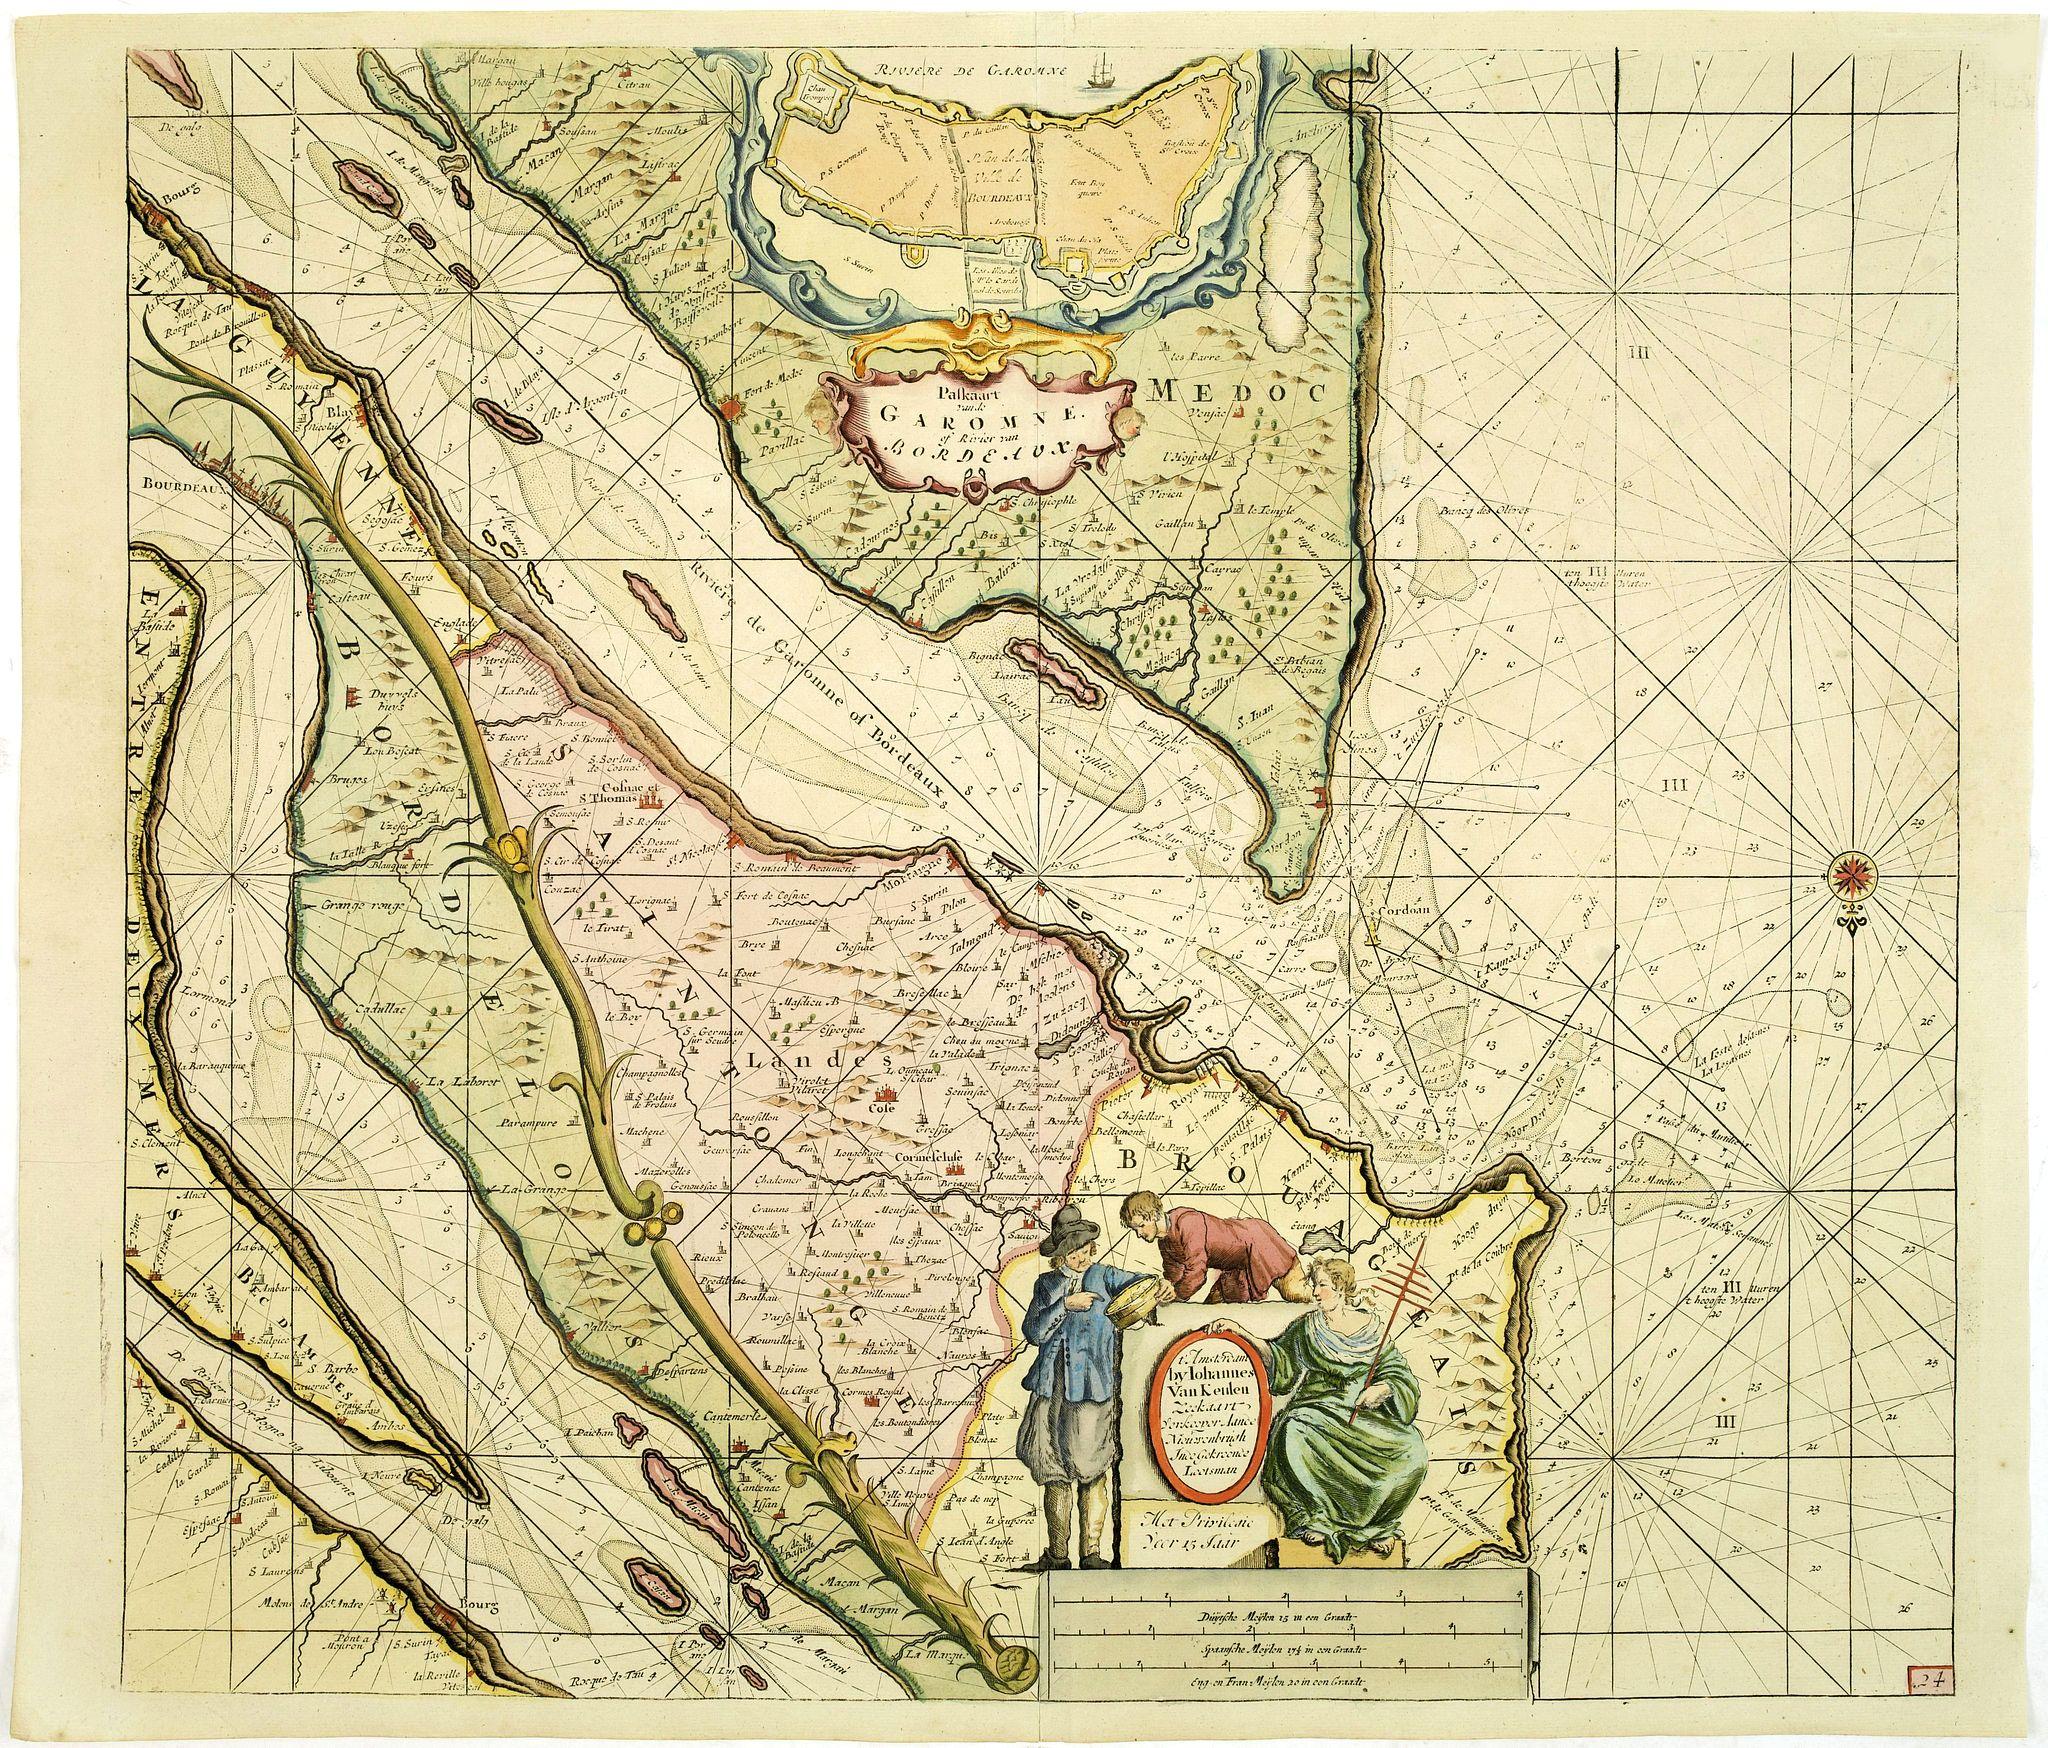 VAN KEULEN, J. -  Paskaart van de Garomne of rivier van Bordeaux.